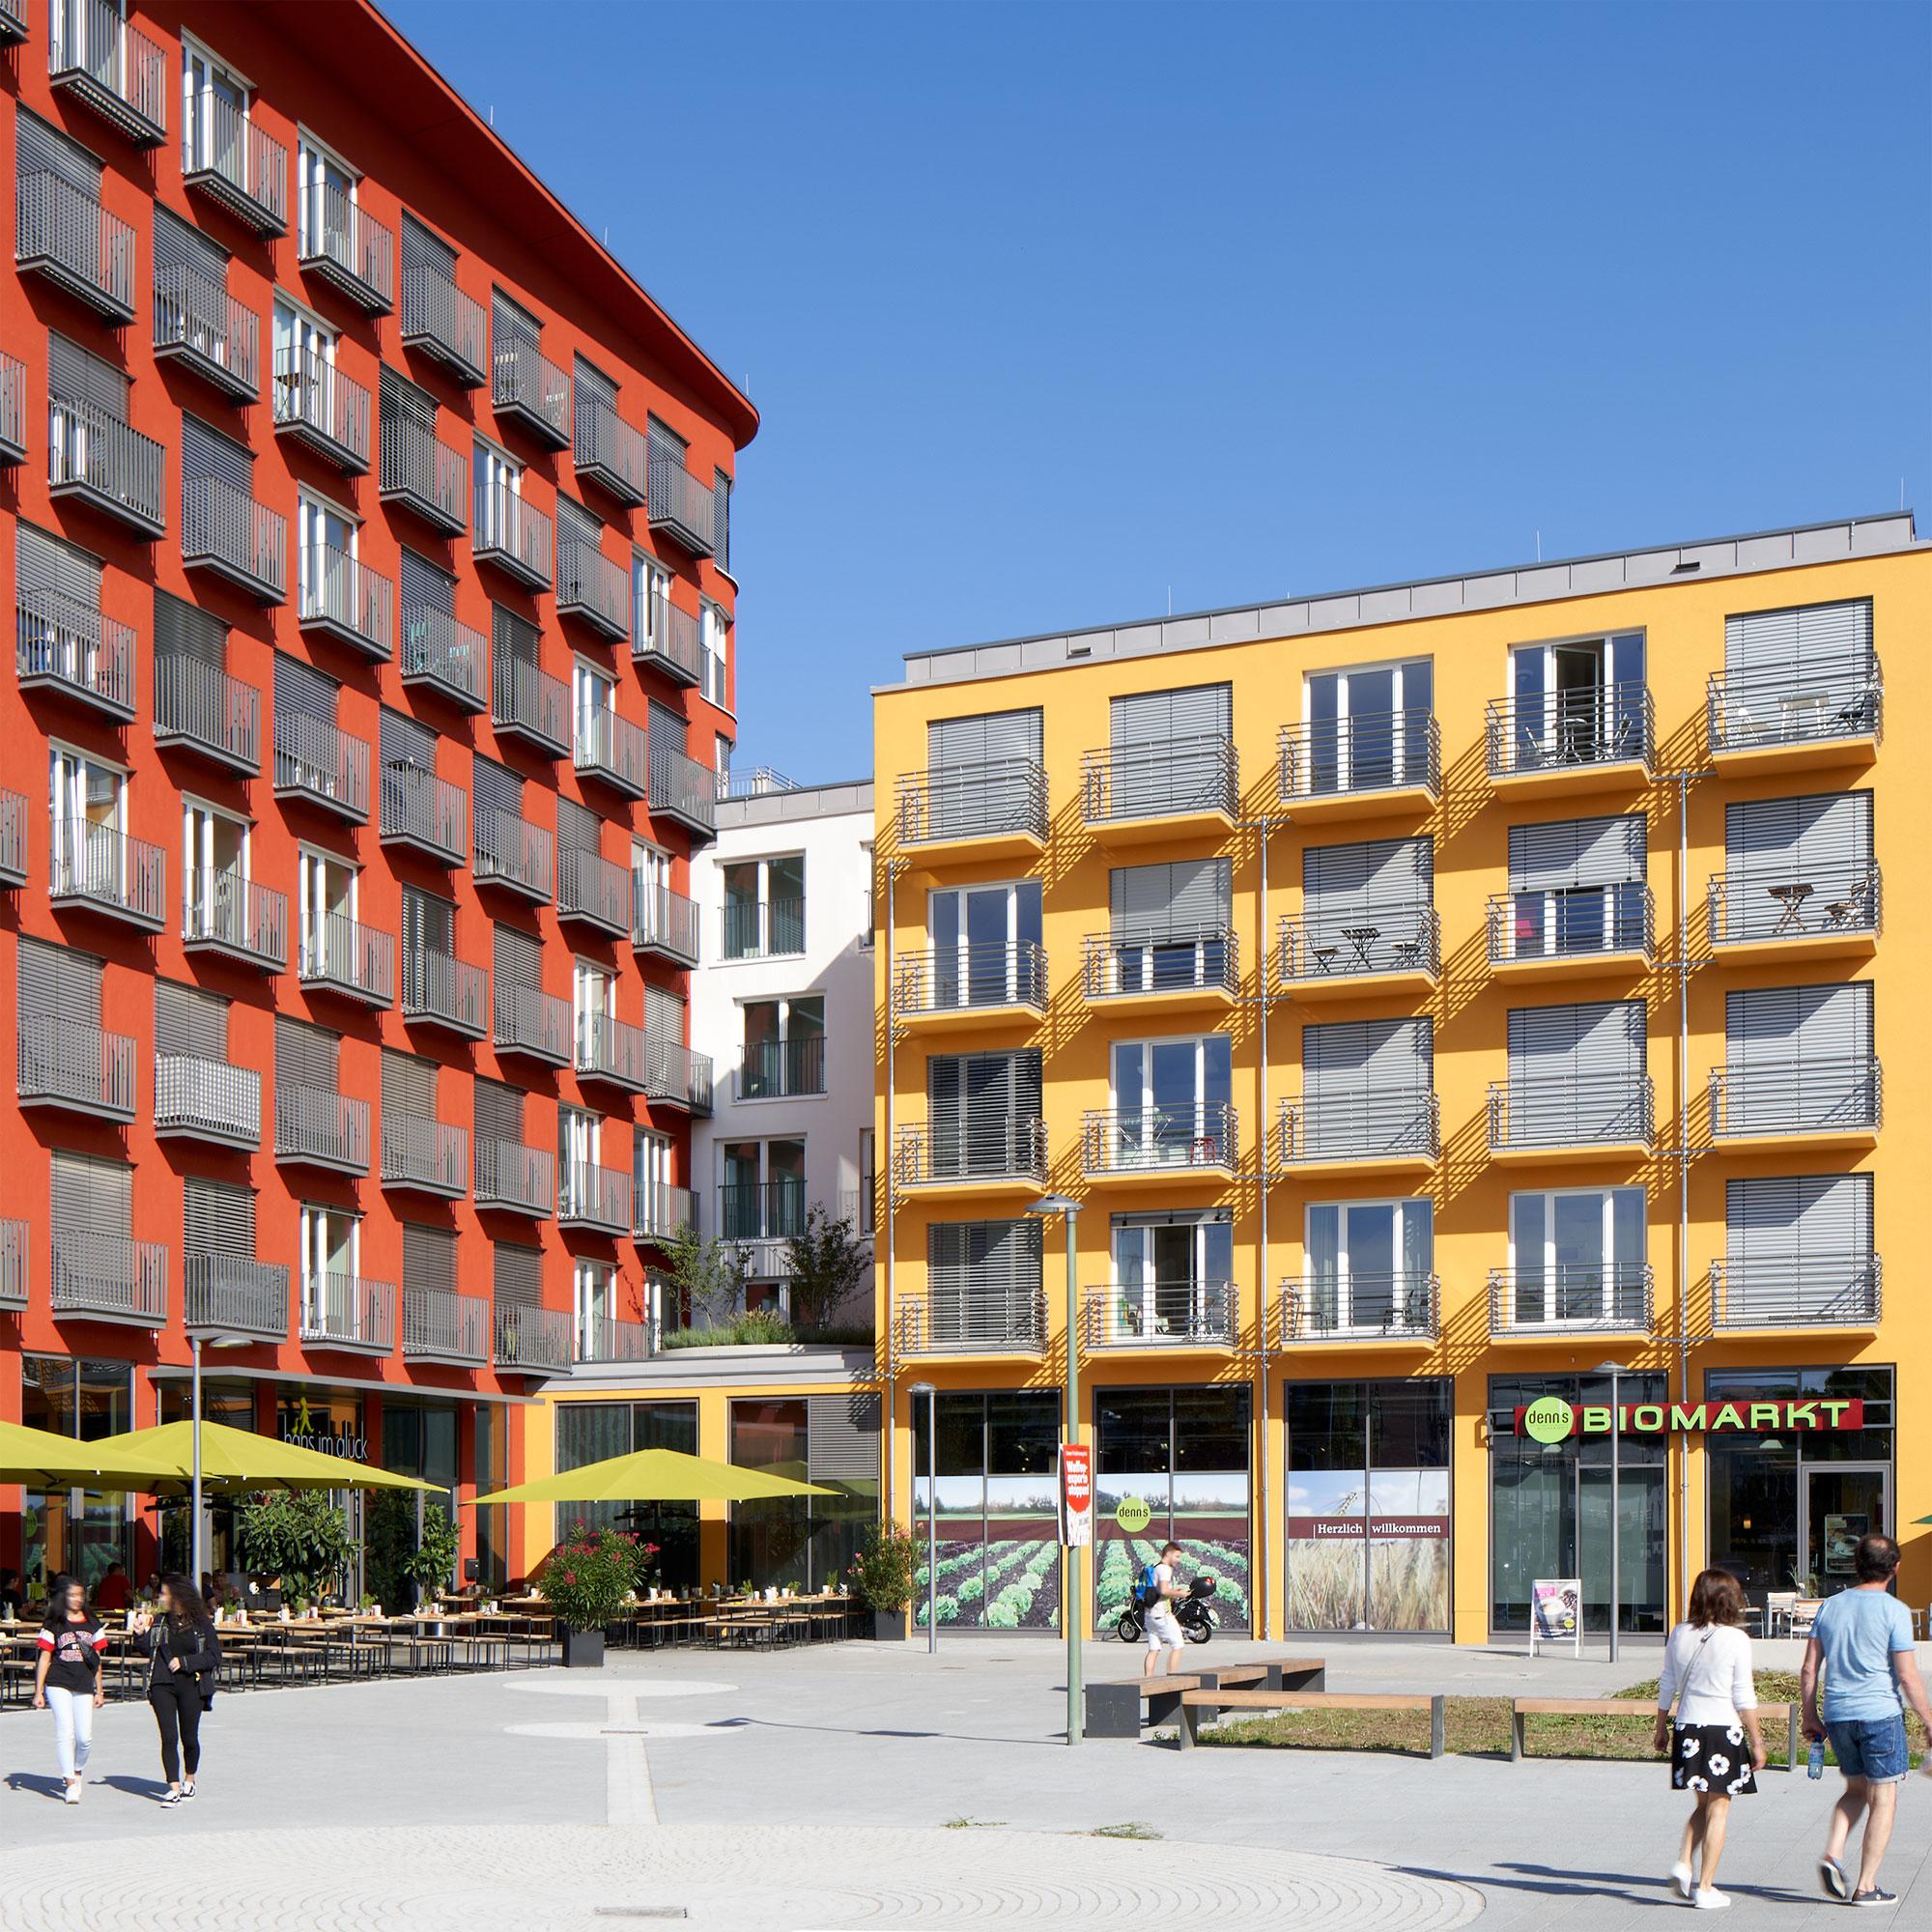 Außenansicht der studiosus 5 Wohnanlage in Augsburg mit Vorplatz und integrierten Ladenflächen